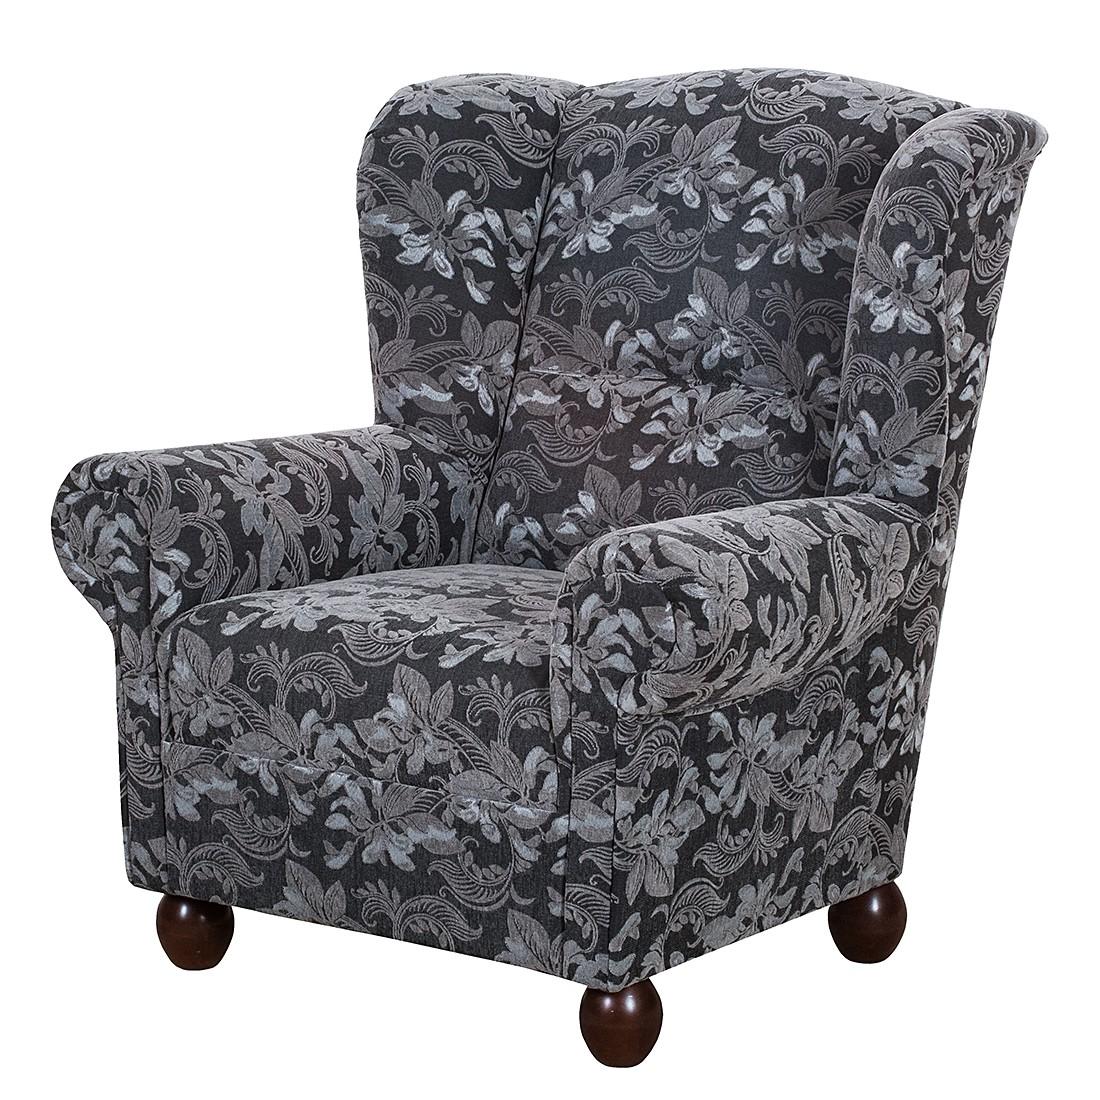 ohrensessel isabelle webstoff blumenmuster ohne hocker grau maison belfort. Black Bedroom Furniture Sets. Home Design Ideas